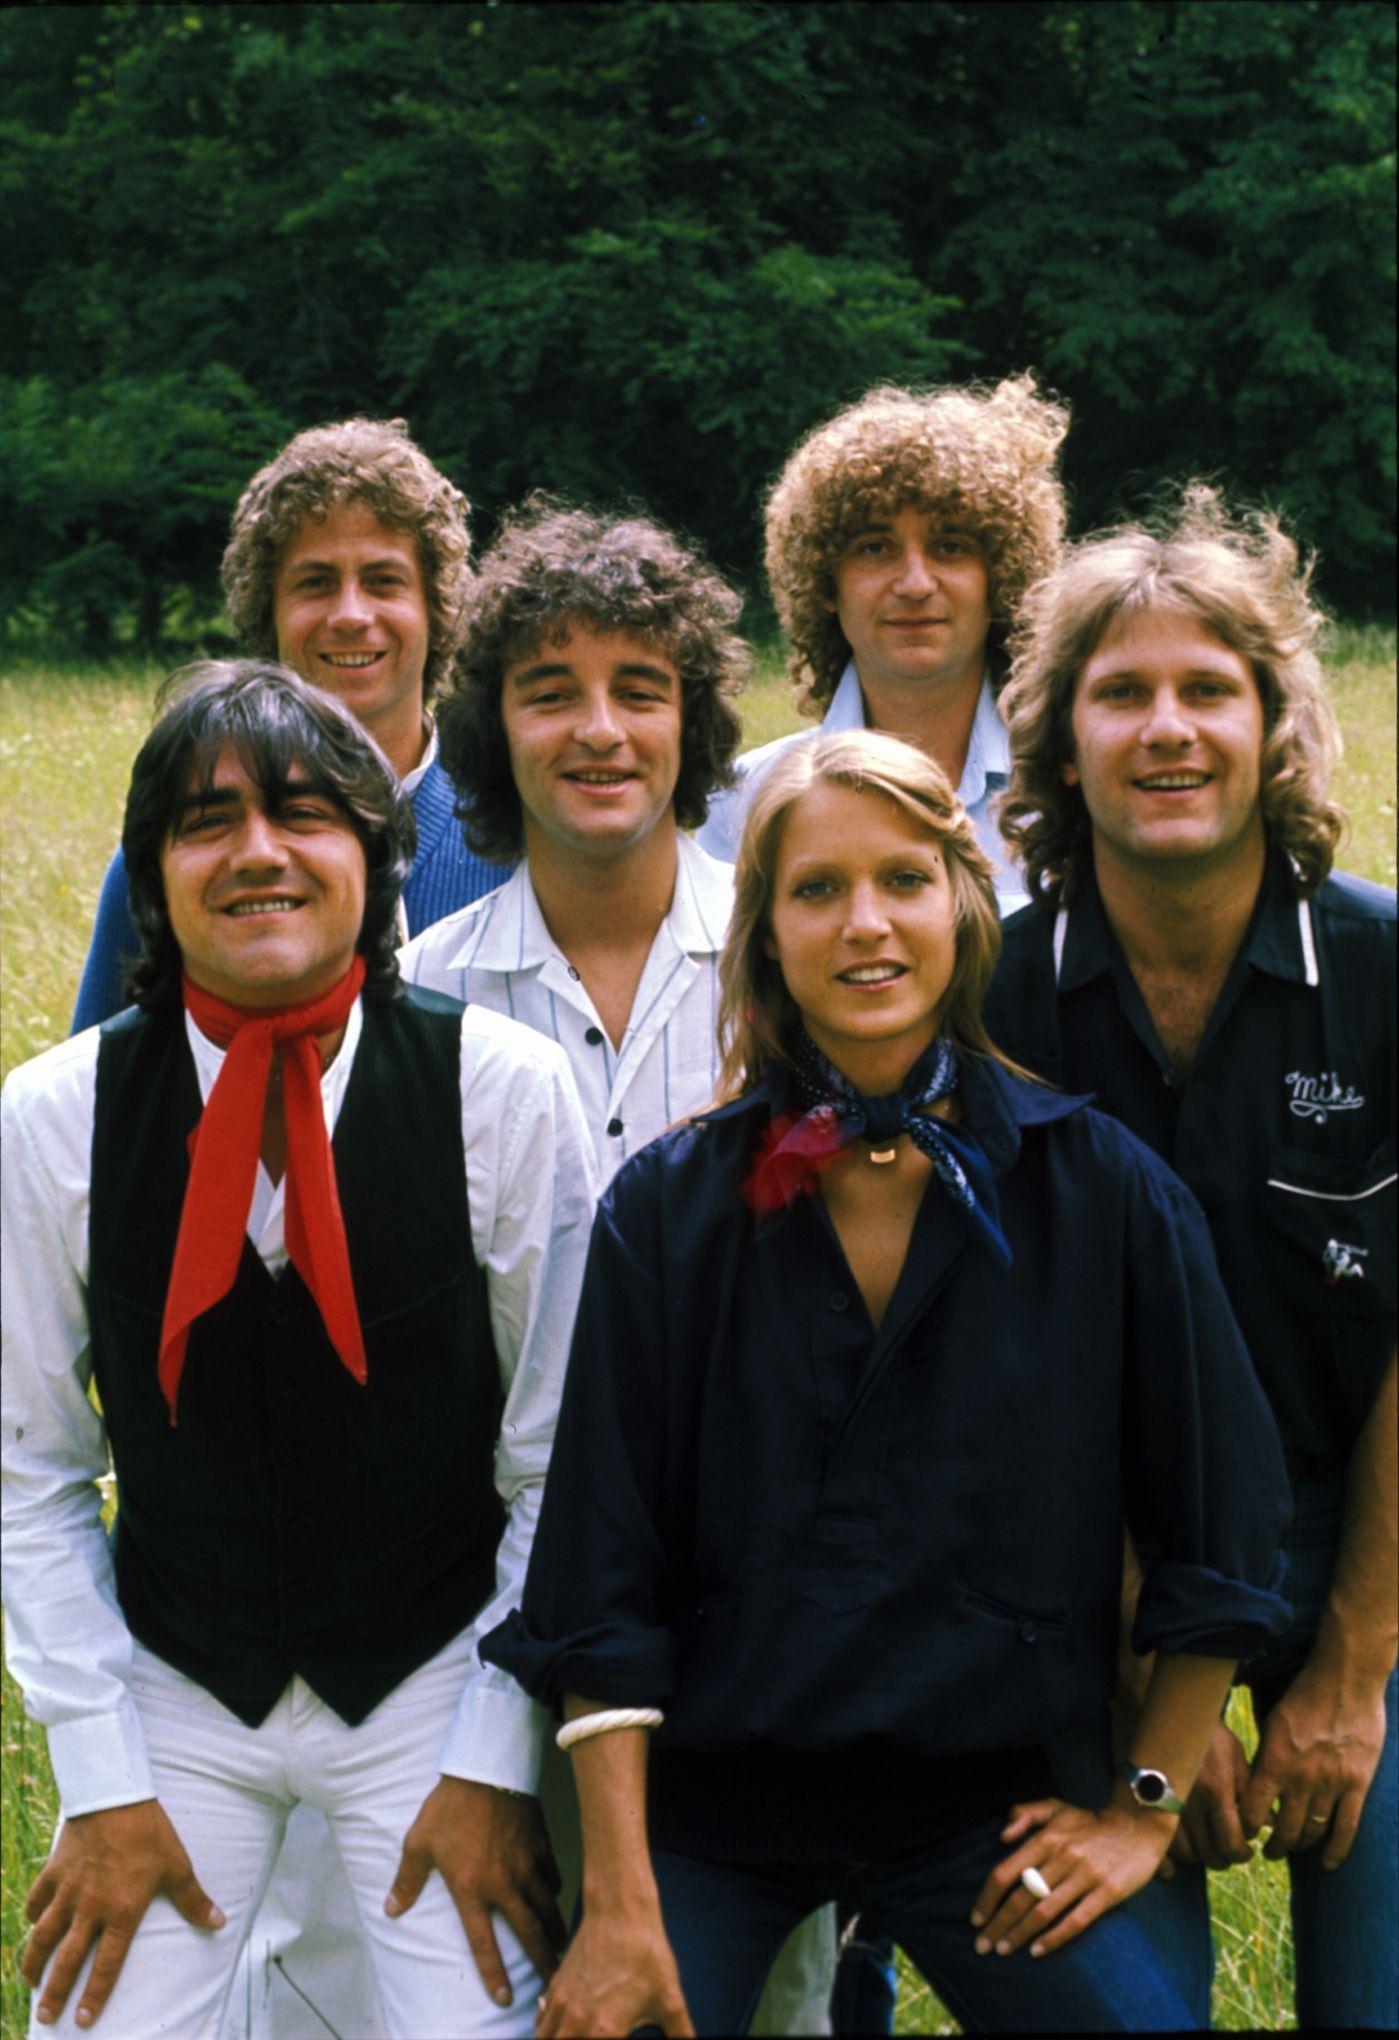 Il Etait Une Fois Groupe : etait, groupe, Joelle, Mogensen, était, Belles, Actrices,, Chanteurs, Français,